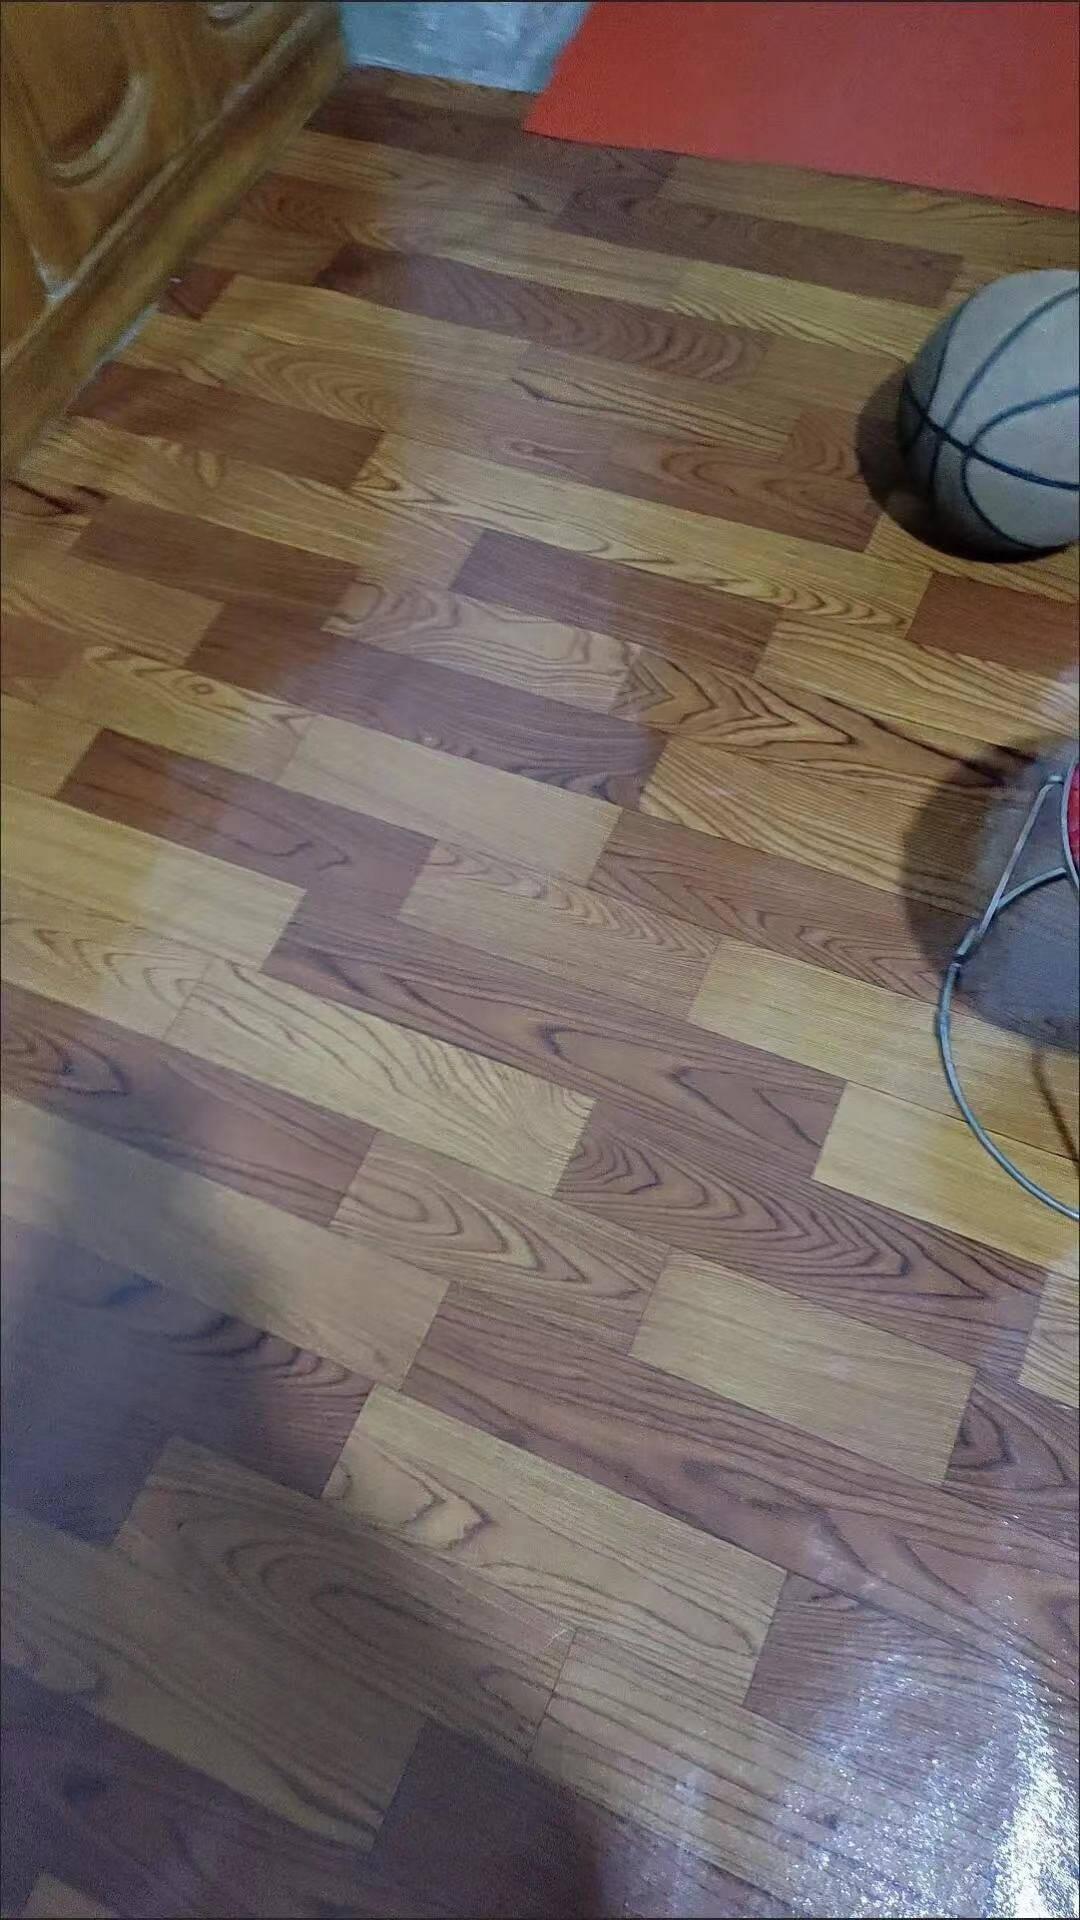 方耐【20平米】加厚地板革家用耐磨水泥地毛坯房PVC塑胶地板防水地板贴卧室办公室商铺地板胶环保【20平米】升级基础款Y102